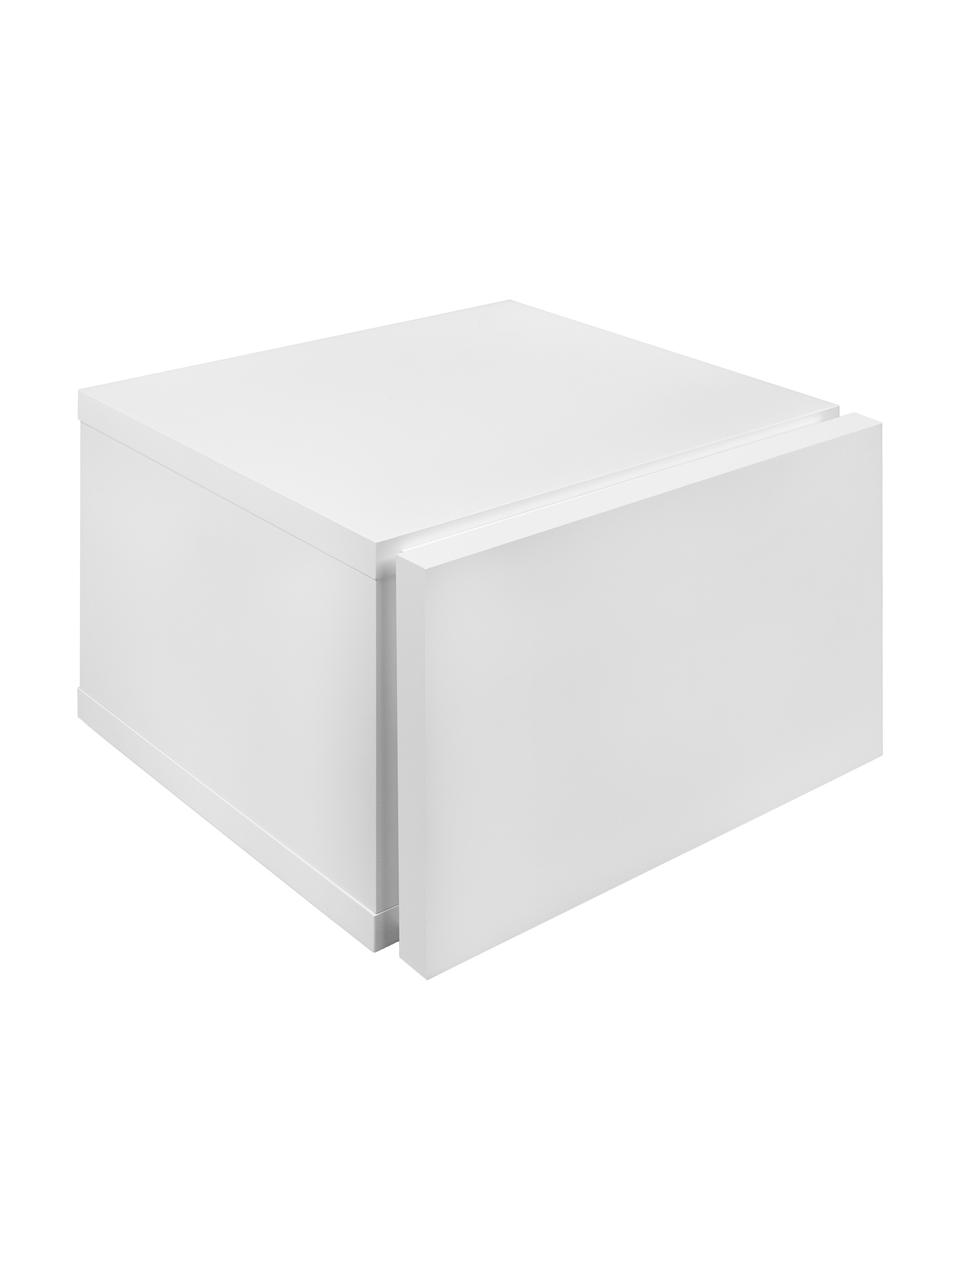 Nachttisch Hank mit Schublade, Spanplatte in Leichtbau-Wabenstruktur, melaminbeschichtet, Weiß, matt, B 45 x T 43 cm